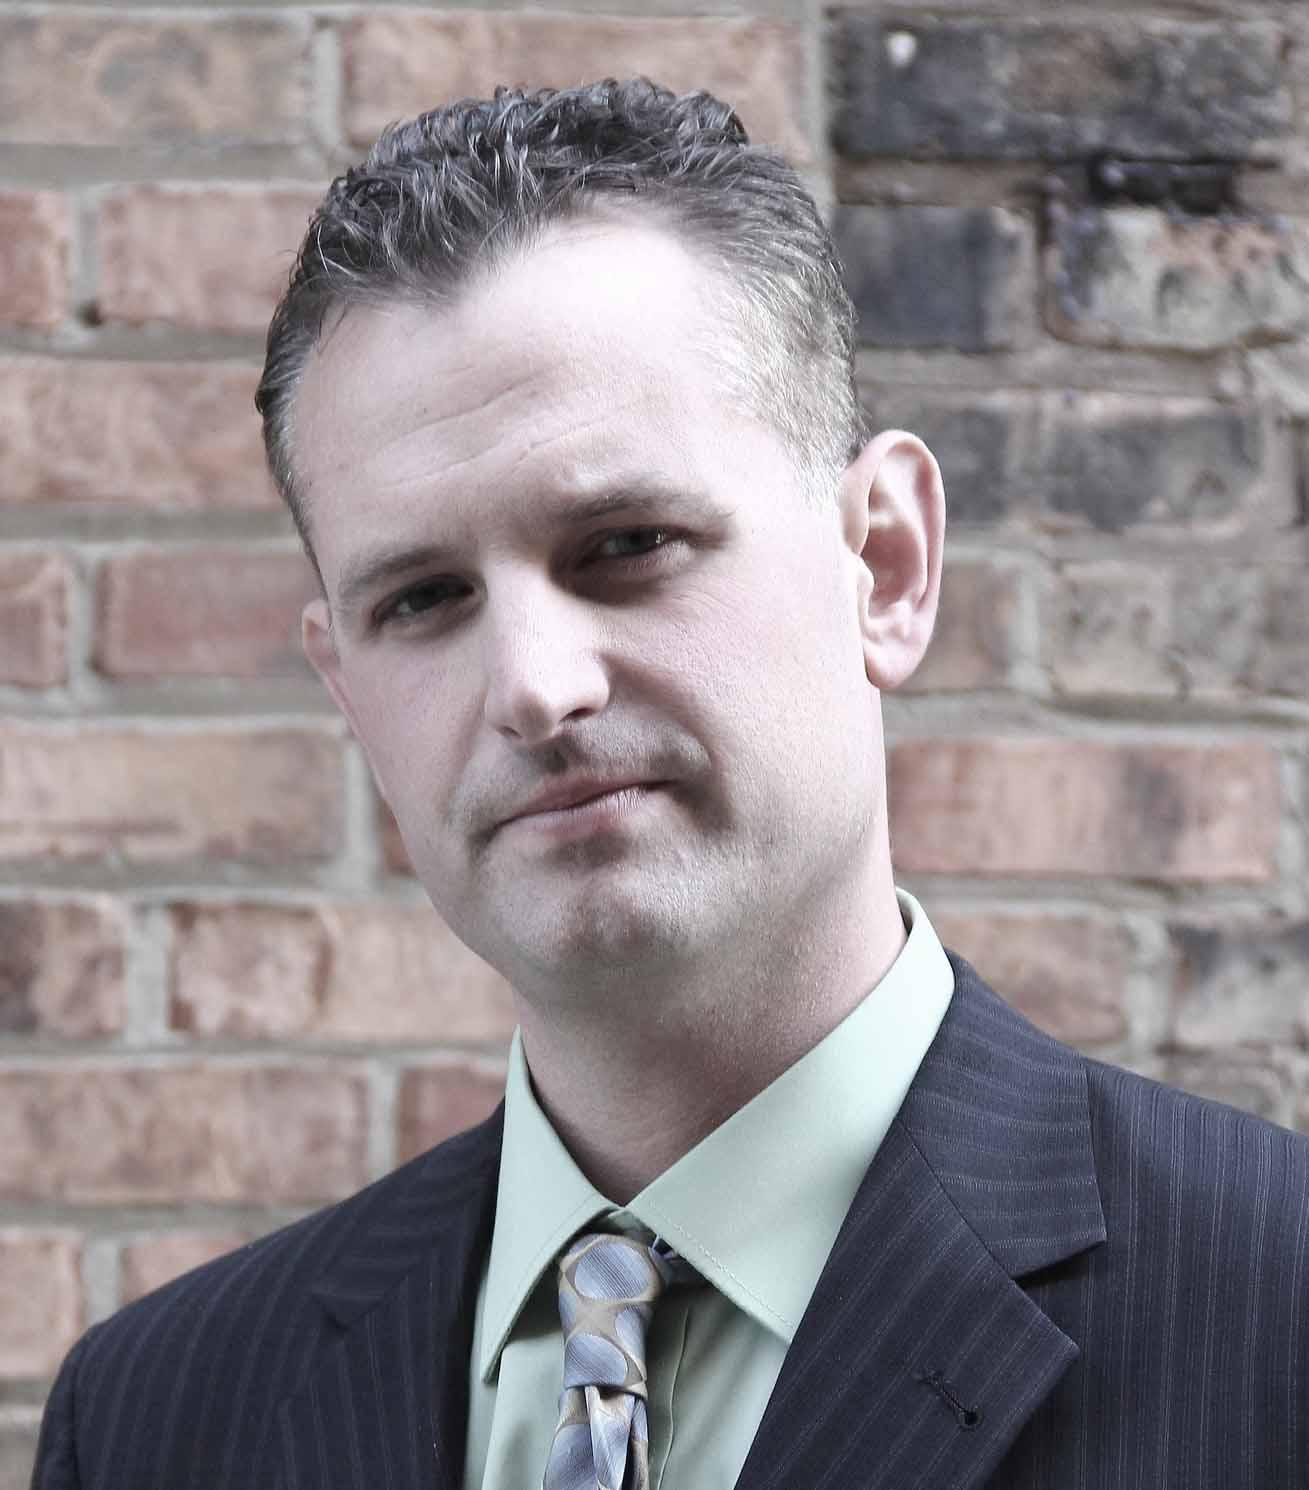 edcmc KevinKieft headshot 122012 lr dz